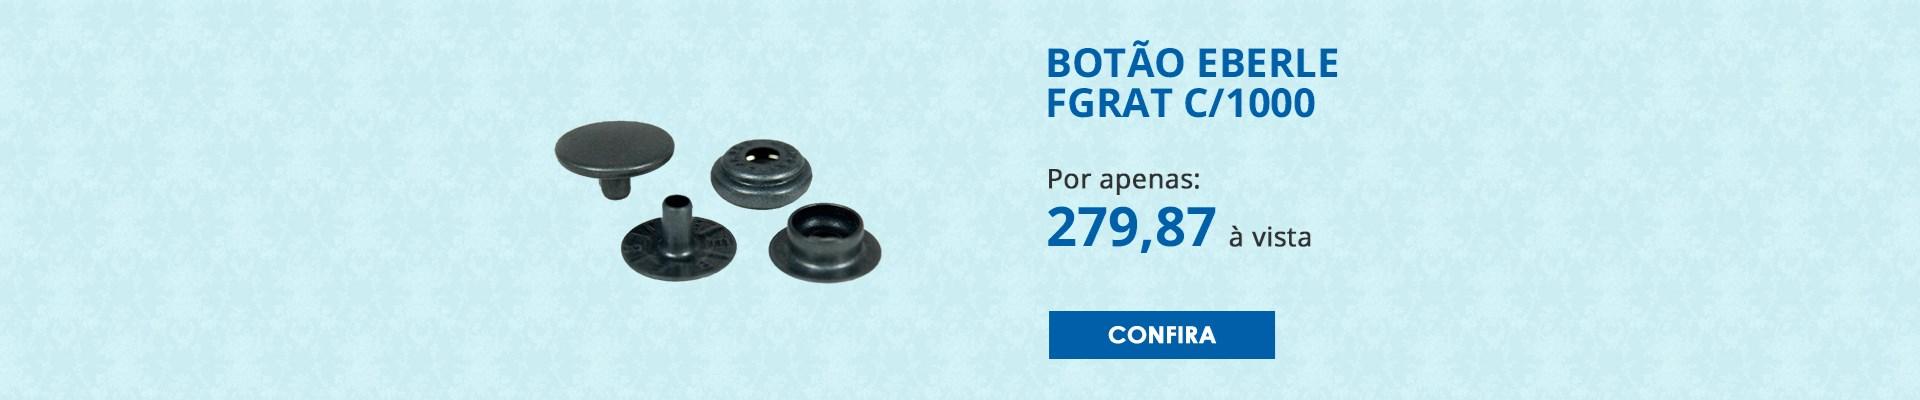 Botão Eberle FGRAT